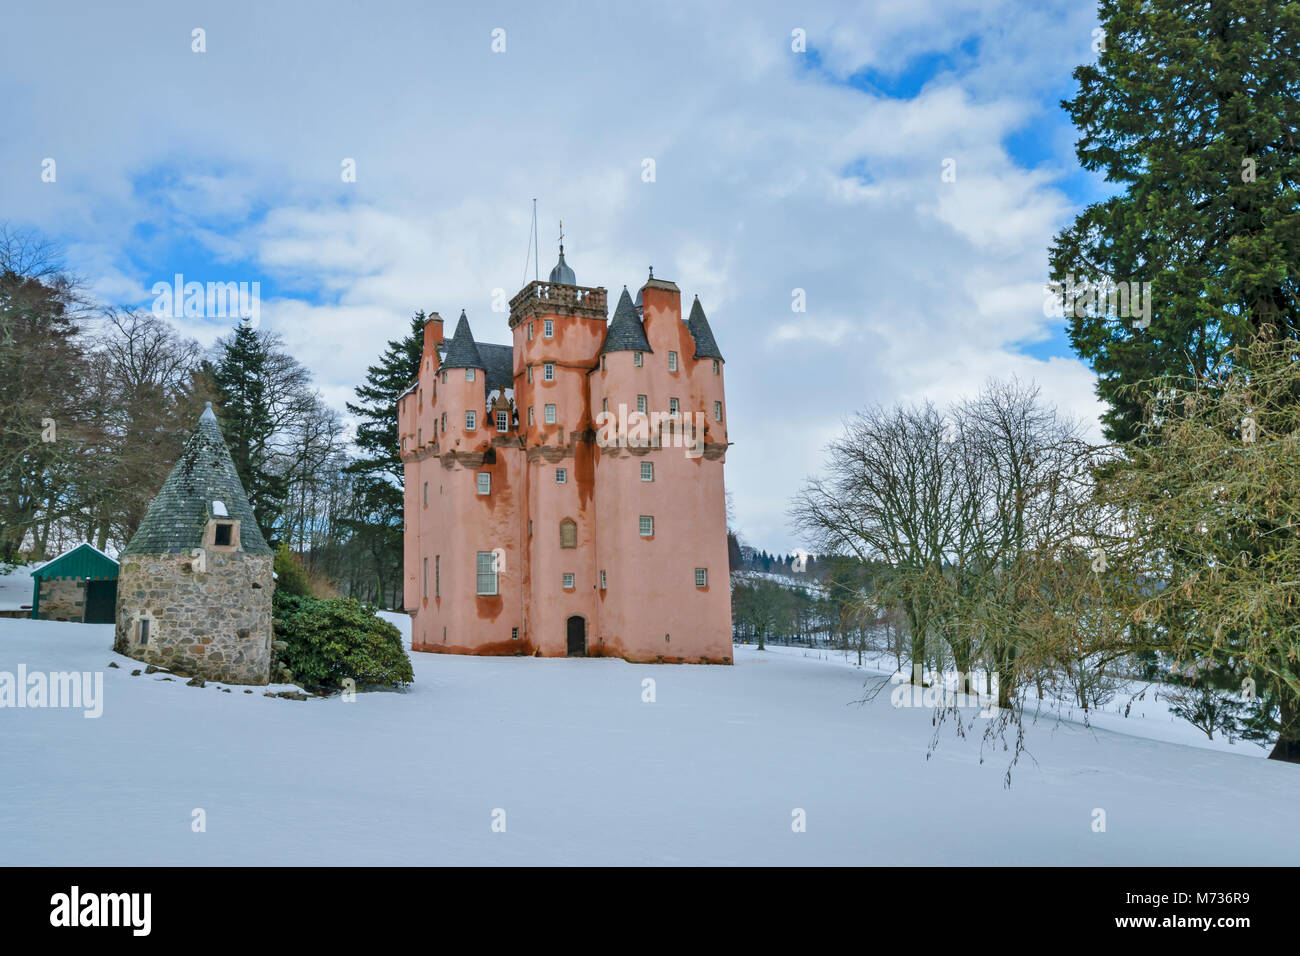 Castello di Craigievar ABERDEENSHIRE in Scozia con la torre rosa circondato da neve invernale e sempreverdi alberi Immagini Stock